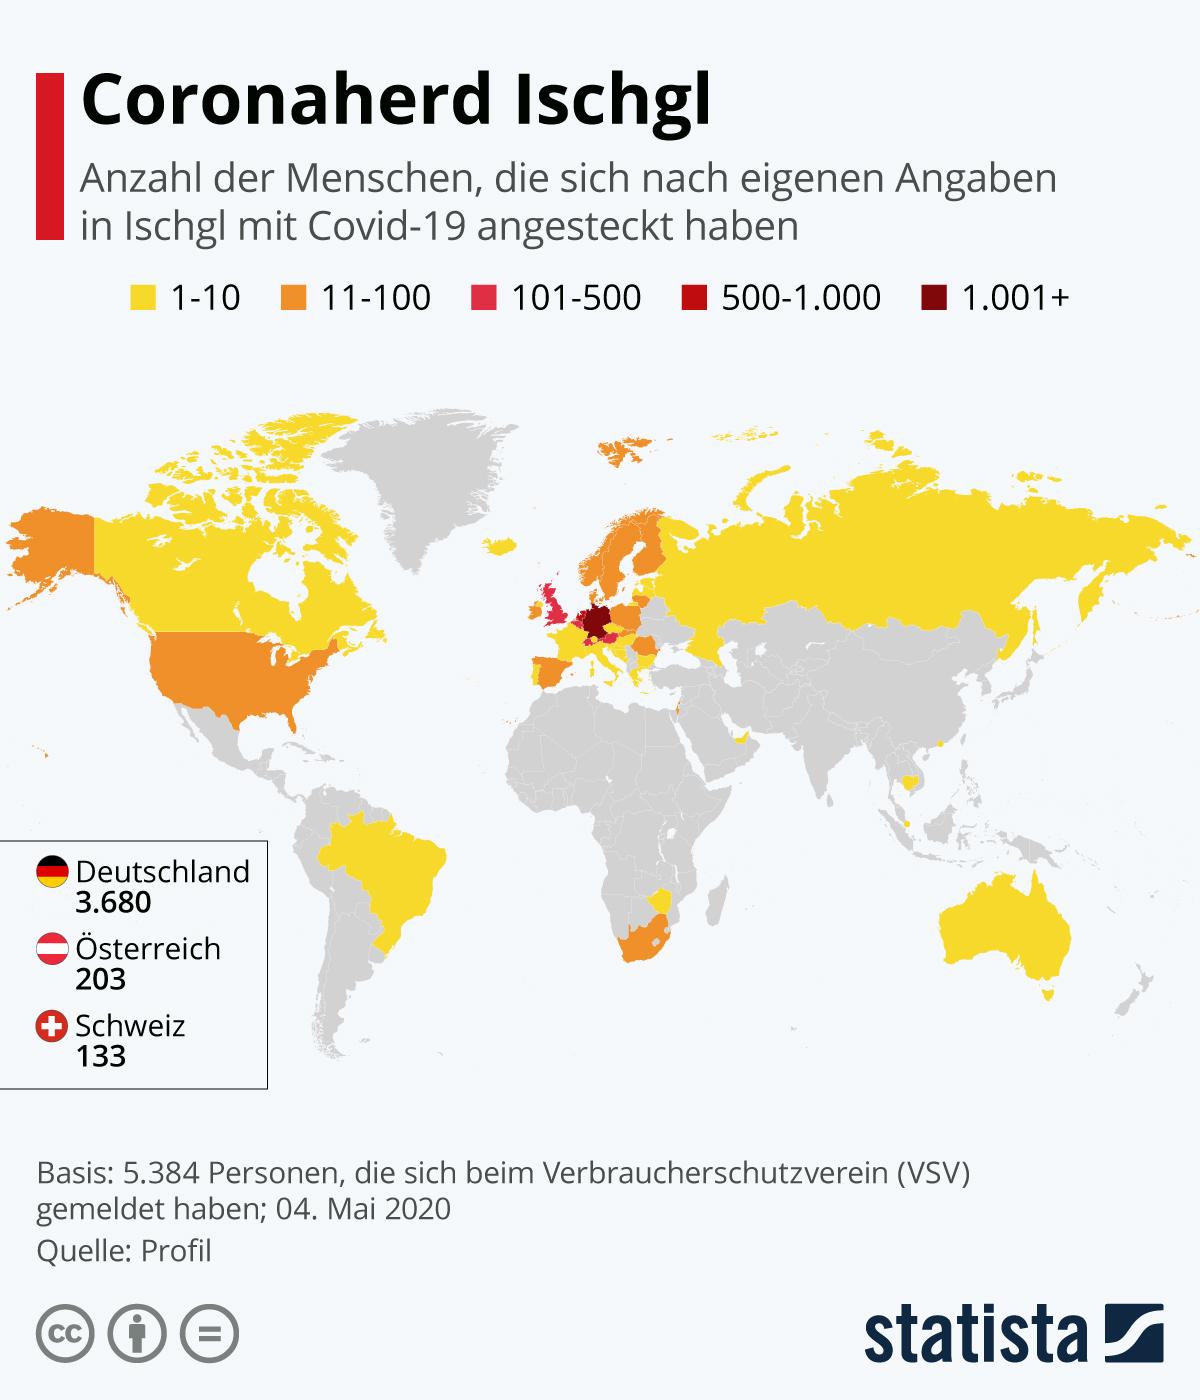 Coronaherd Ischgl | Statista